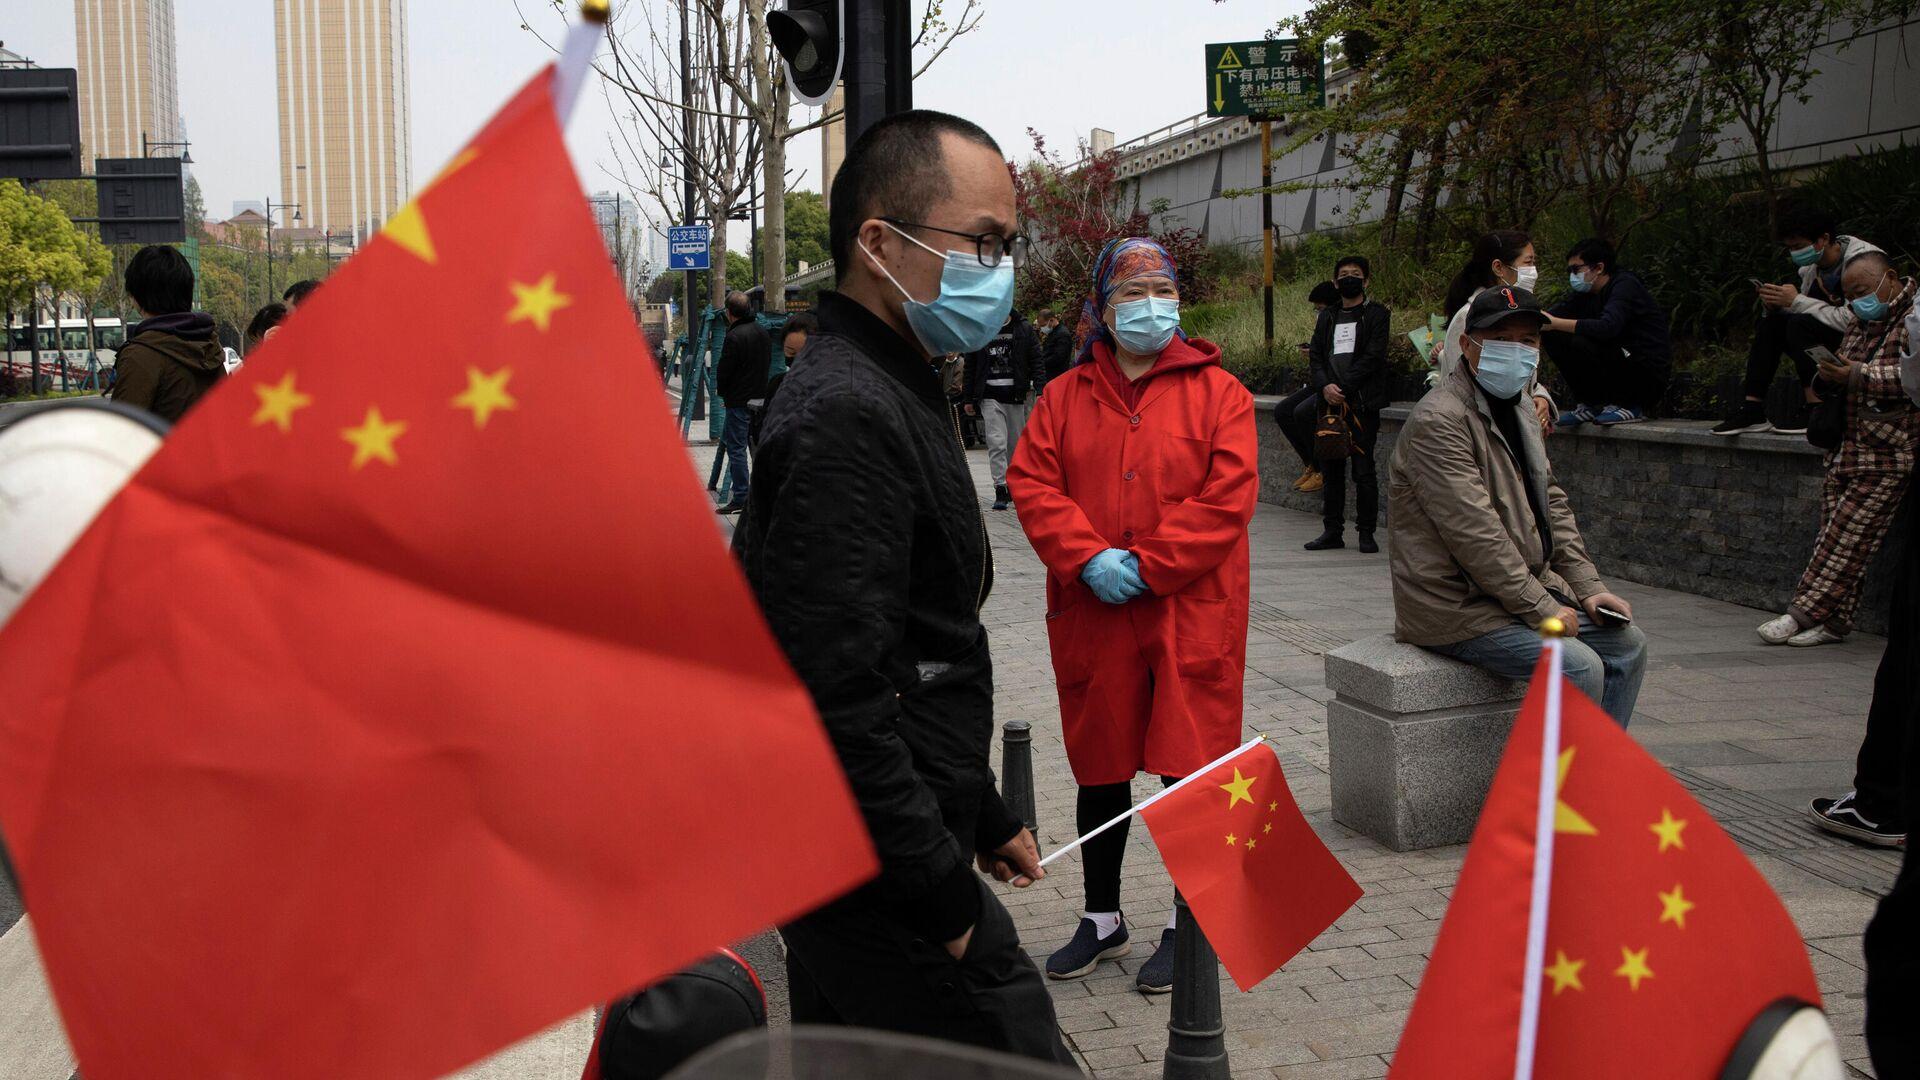 Люди с флагами Китая в провинции Хубэй - РИА Новости, 1920, 22.11.2020